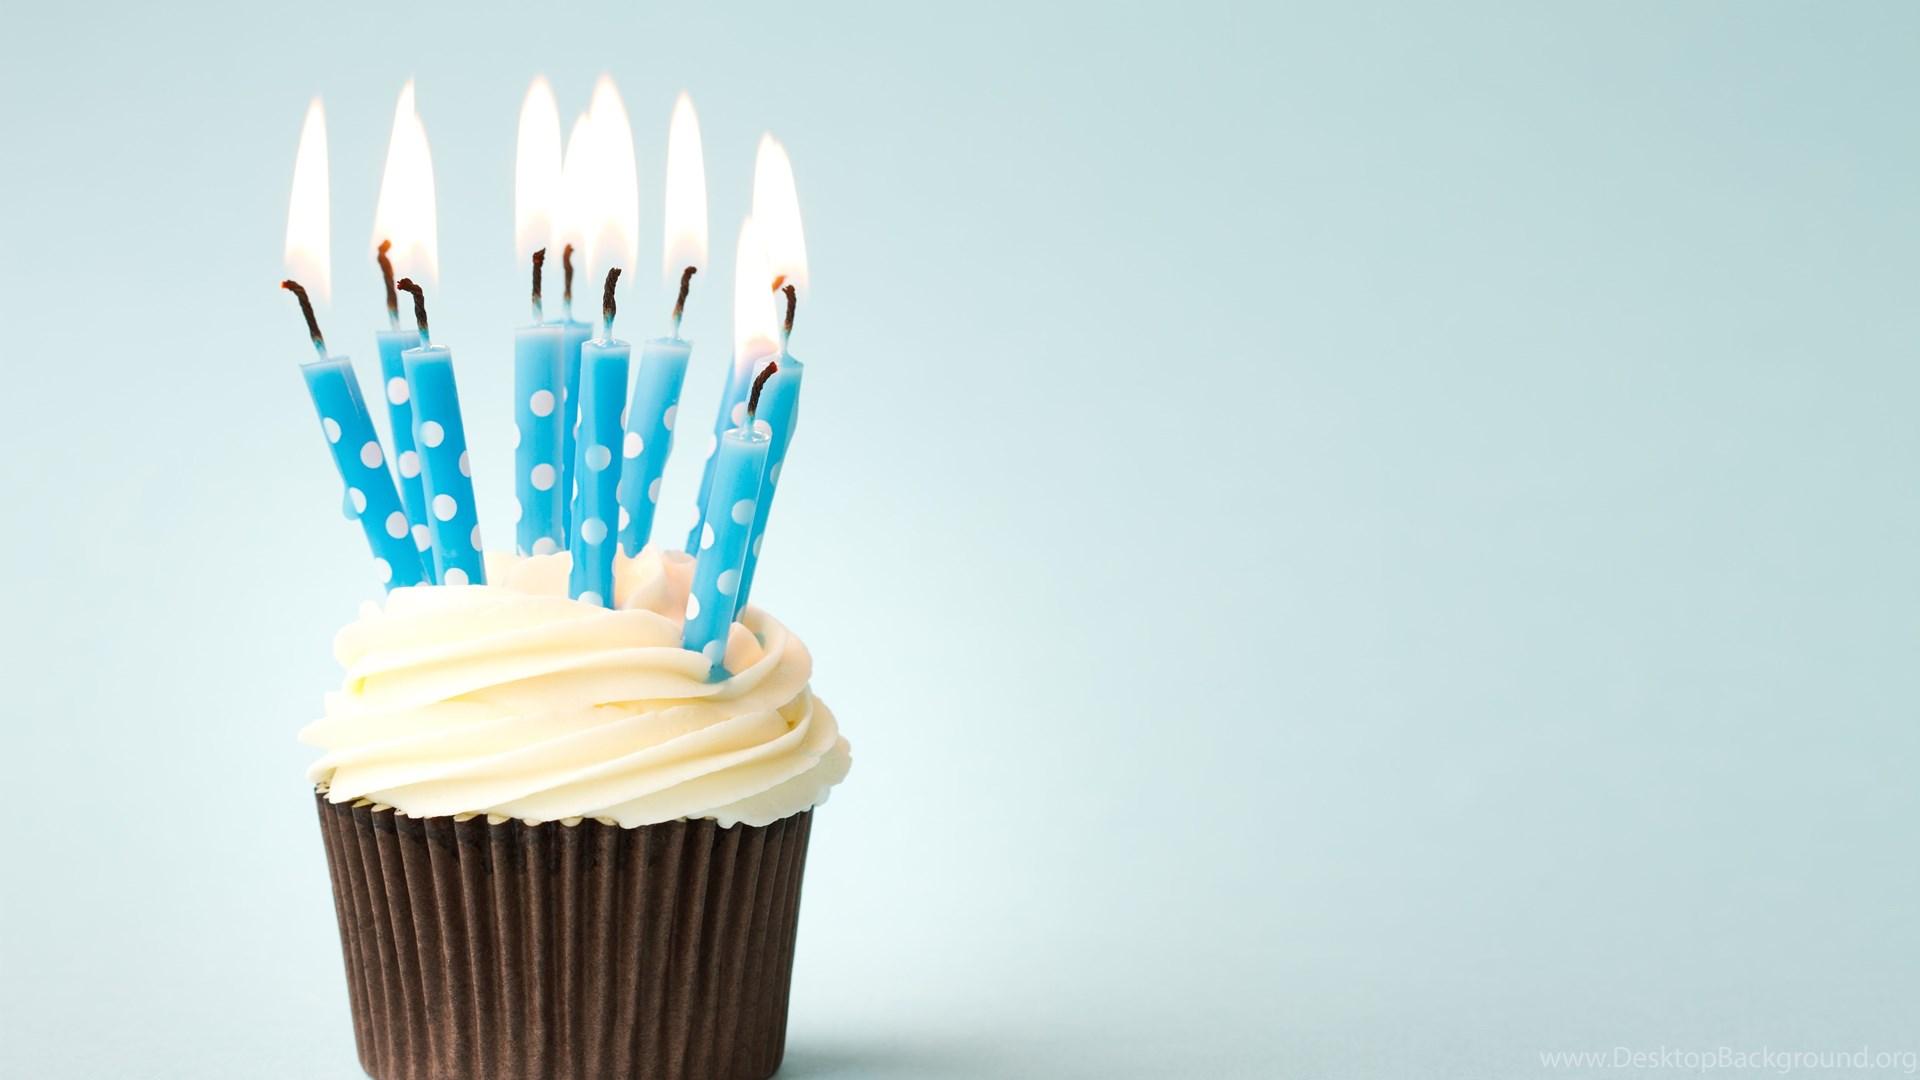 35 Best Happy Birthday Hd Wallpapers I Am Qurat Desktop